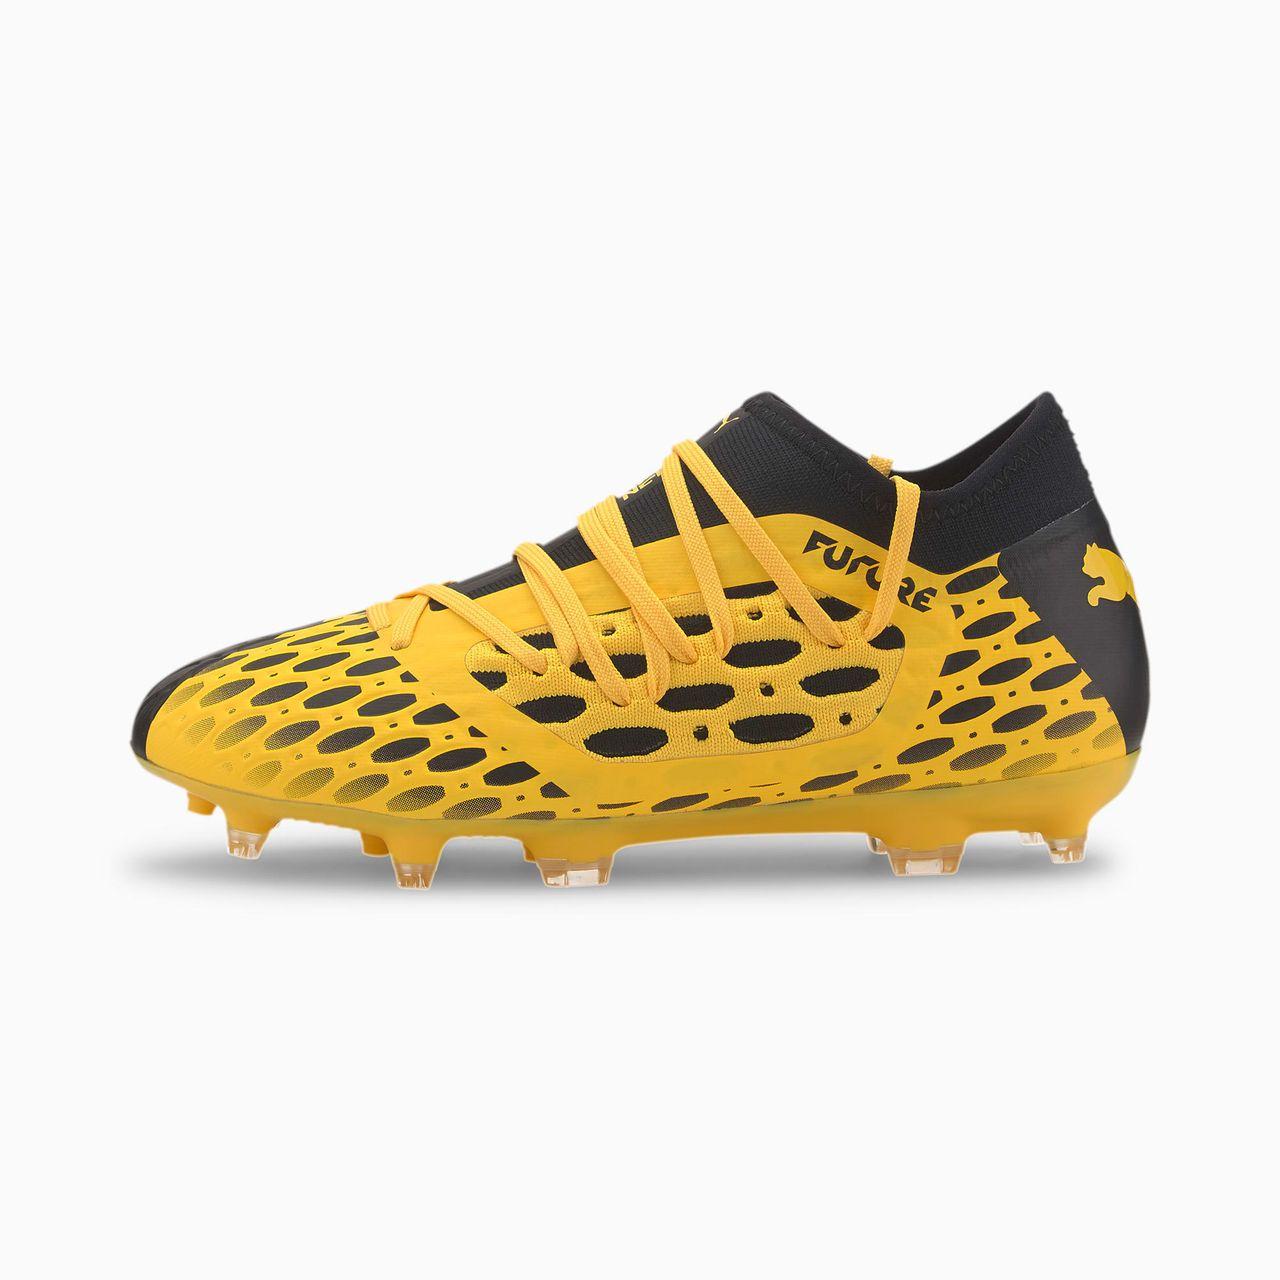 کفش فوتبال مردانه پوما مدل future